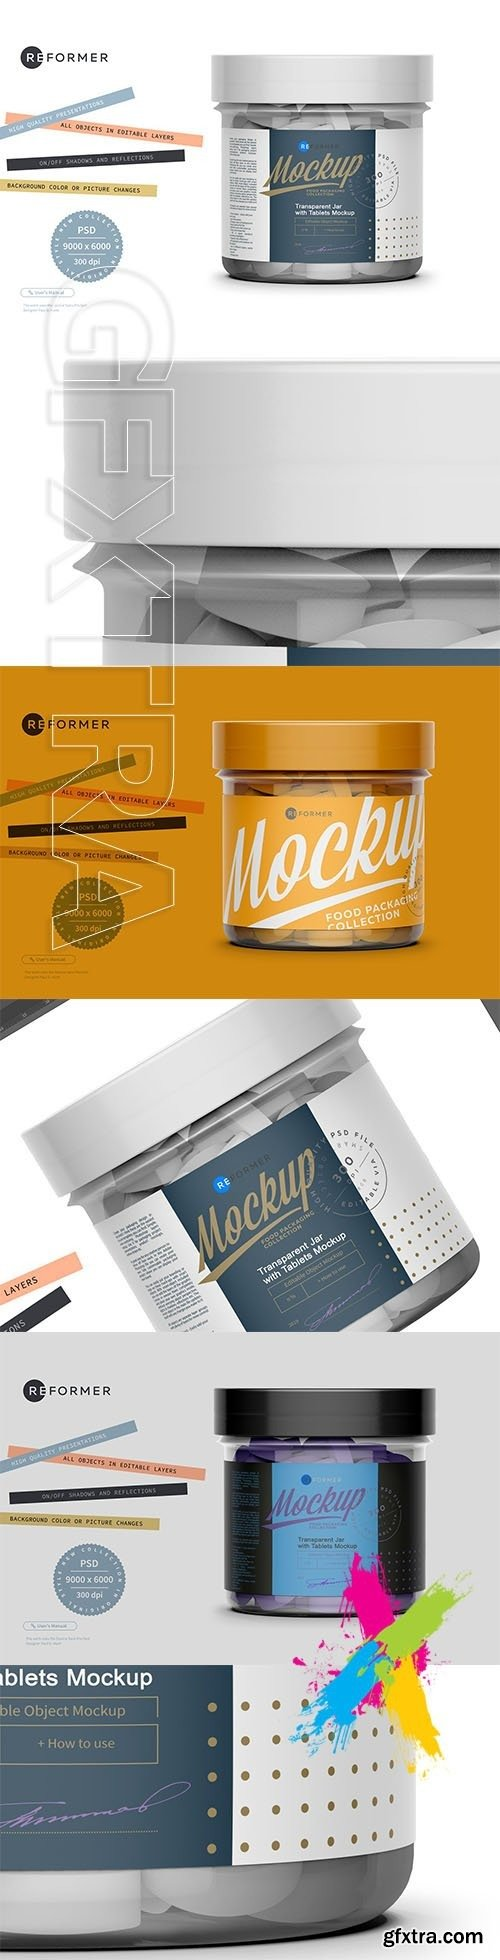 CreativeMarket - Transparent Jar with Tablets Mockup 5612998